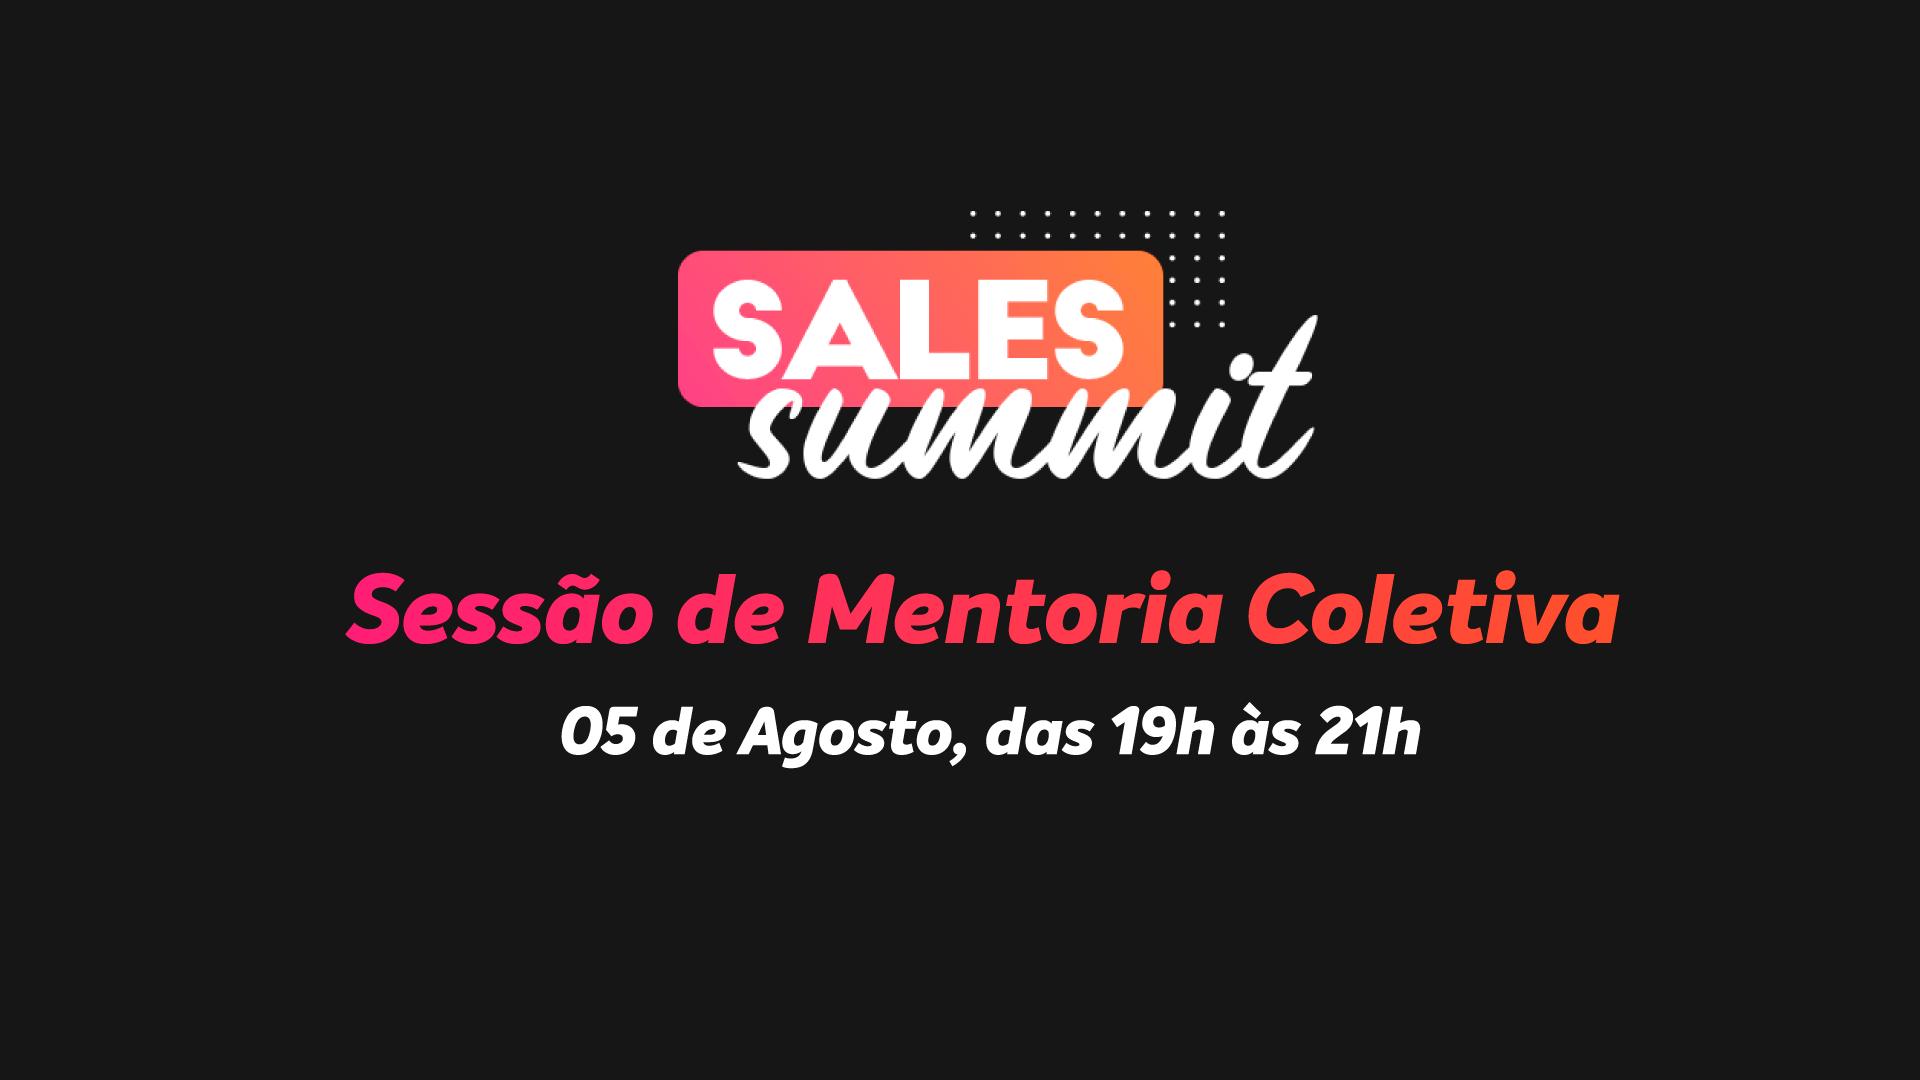 Sales Summit: Mentoria Coletiva!